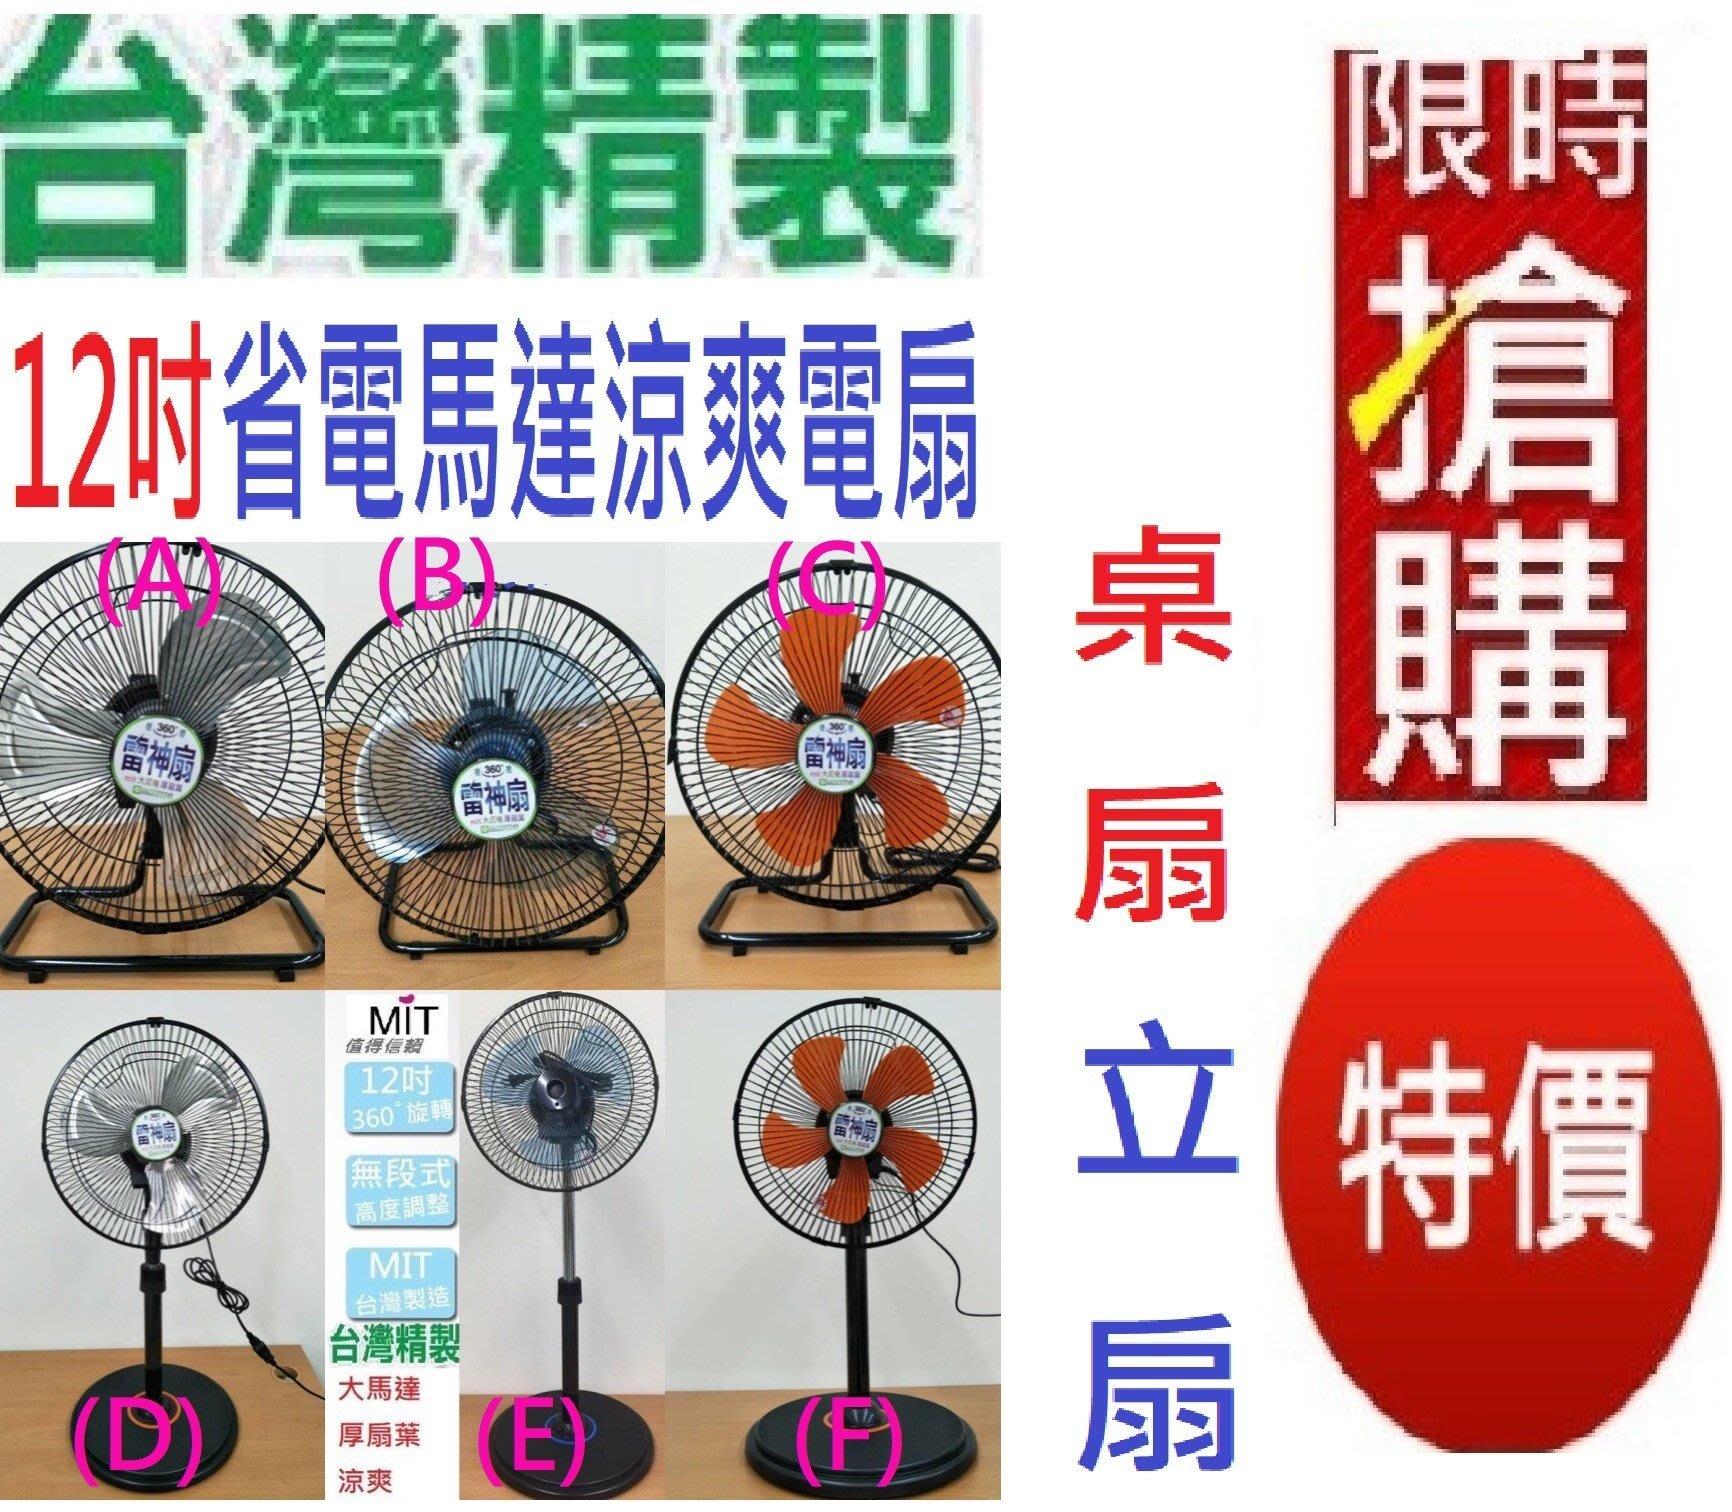 大特價(可以超取)一張超取訂單(寄一台)台灣頂級電扇(節能省電)大馬達(超涼爽日本美國熱銷中居家露營上班輕巧攜帶便利